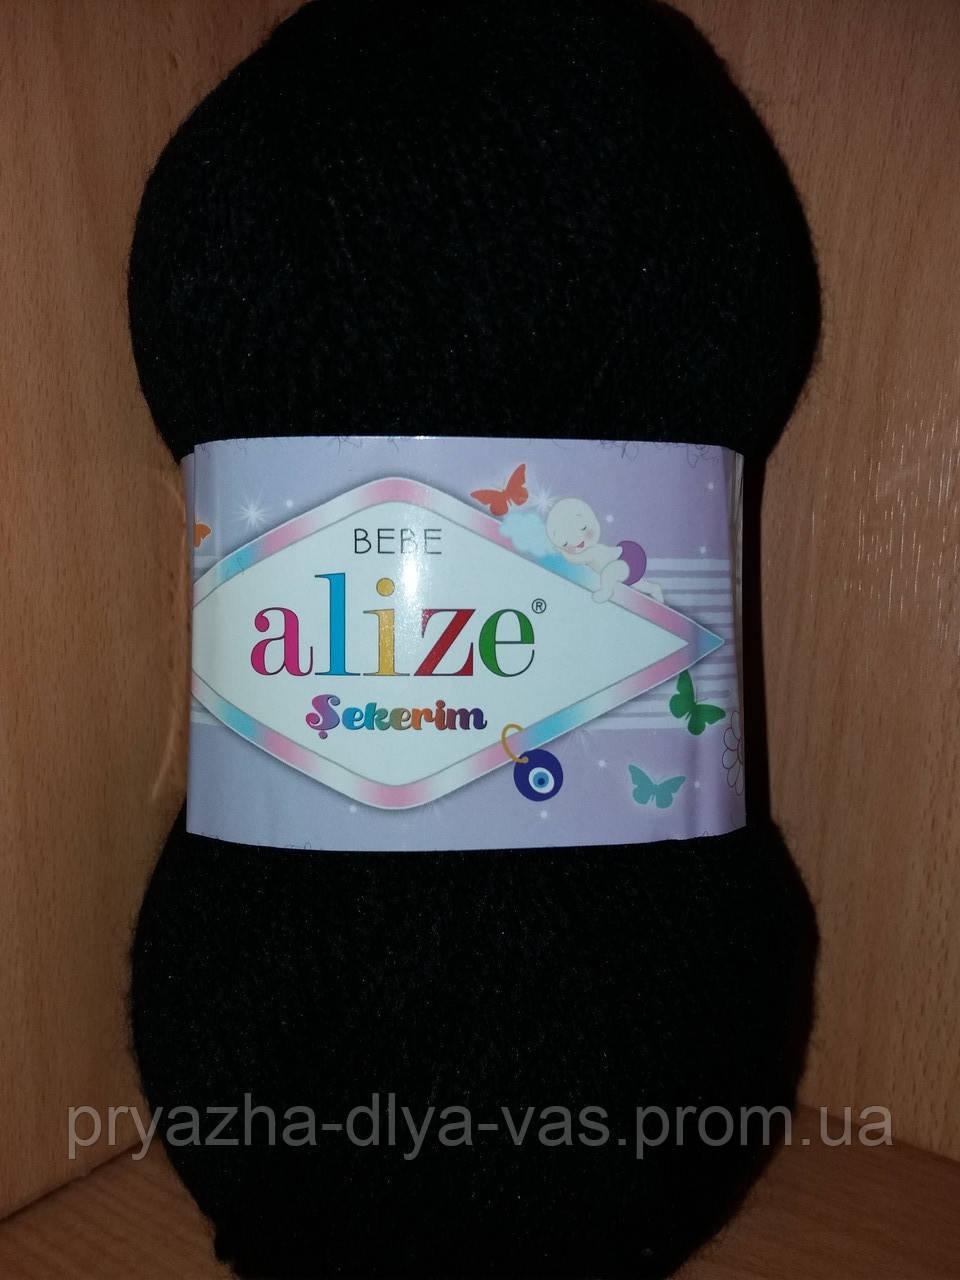 Детская пряжа(100%-акрил,100г/320м) Alize Sekerim bebe 60(чёрный)